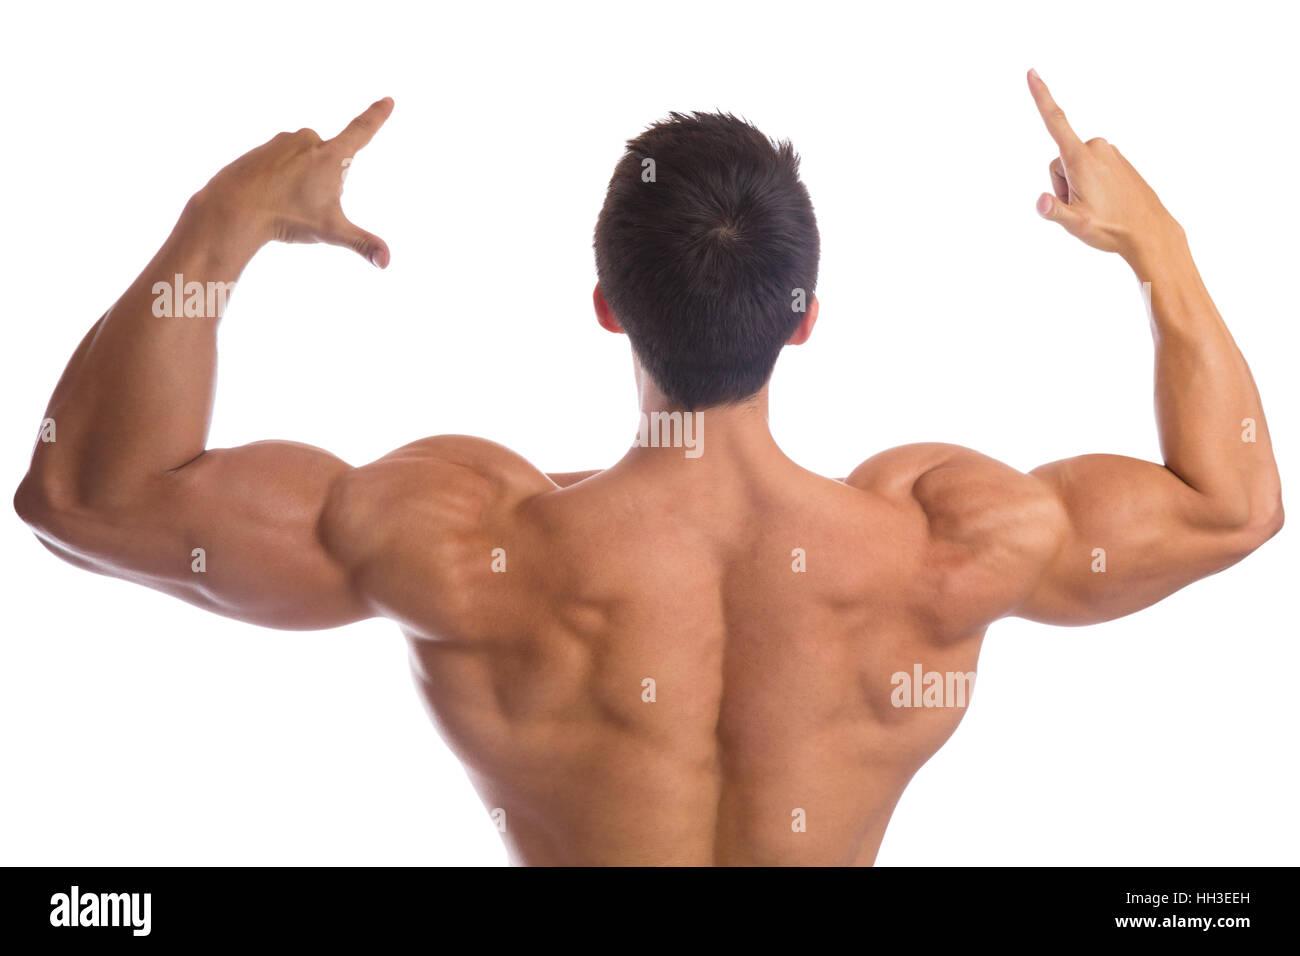 Bodybuilder bodybuilding muscoli posteriore muscolare forte isolato su uno sfondo bianco Immagini Stock